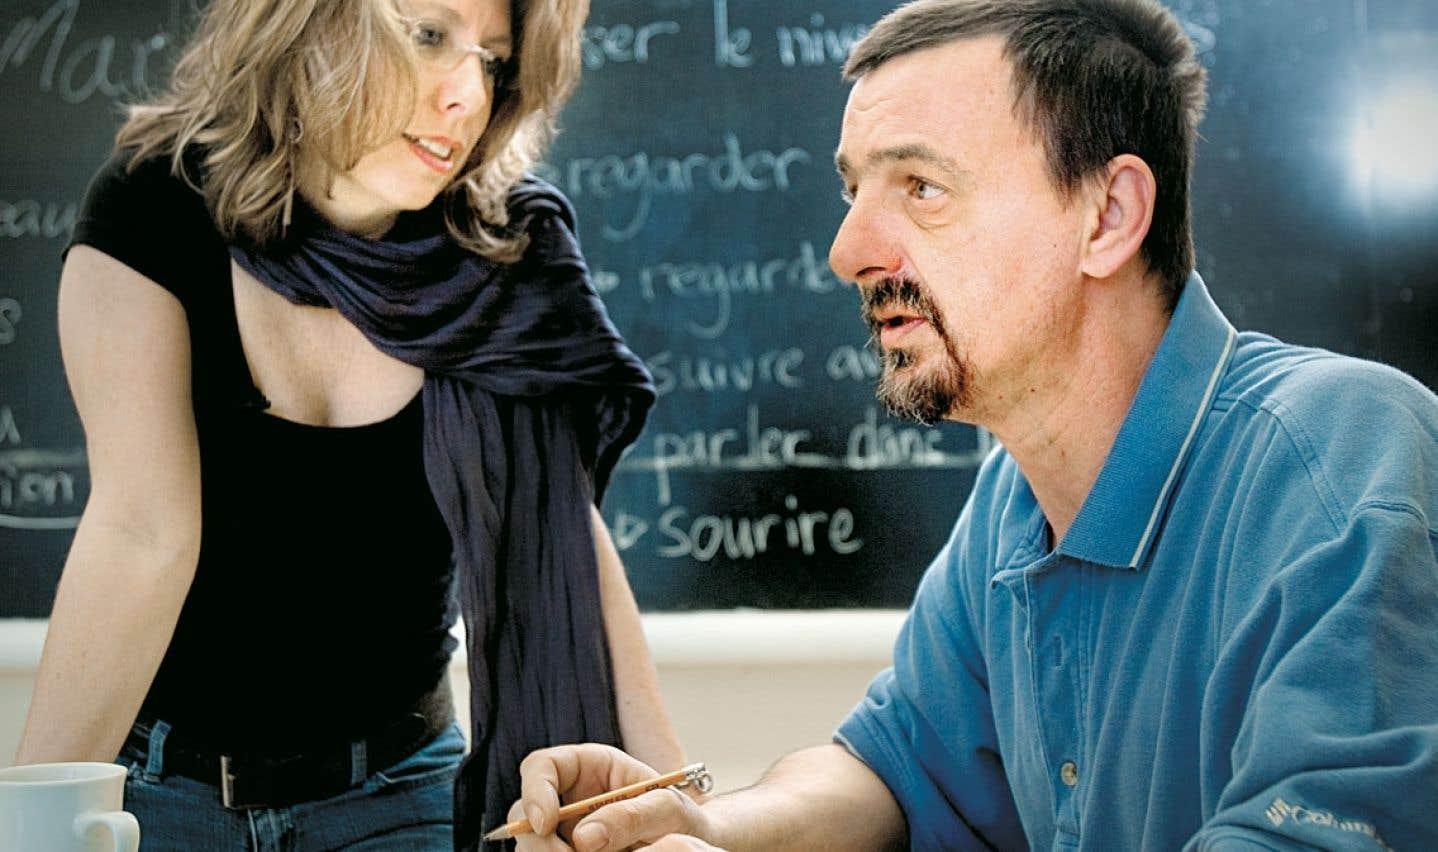 L'Institut de coopération pour l'éducation des adultes veut savoir où en est l'éducation et la formation des adultes. C'est pourquoi est organisé le 24 heures pour un Québec apprenant.